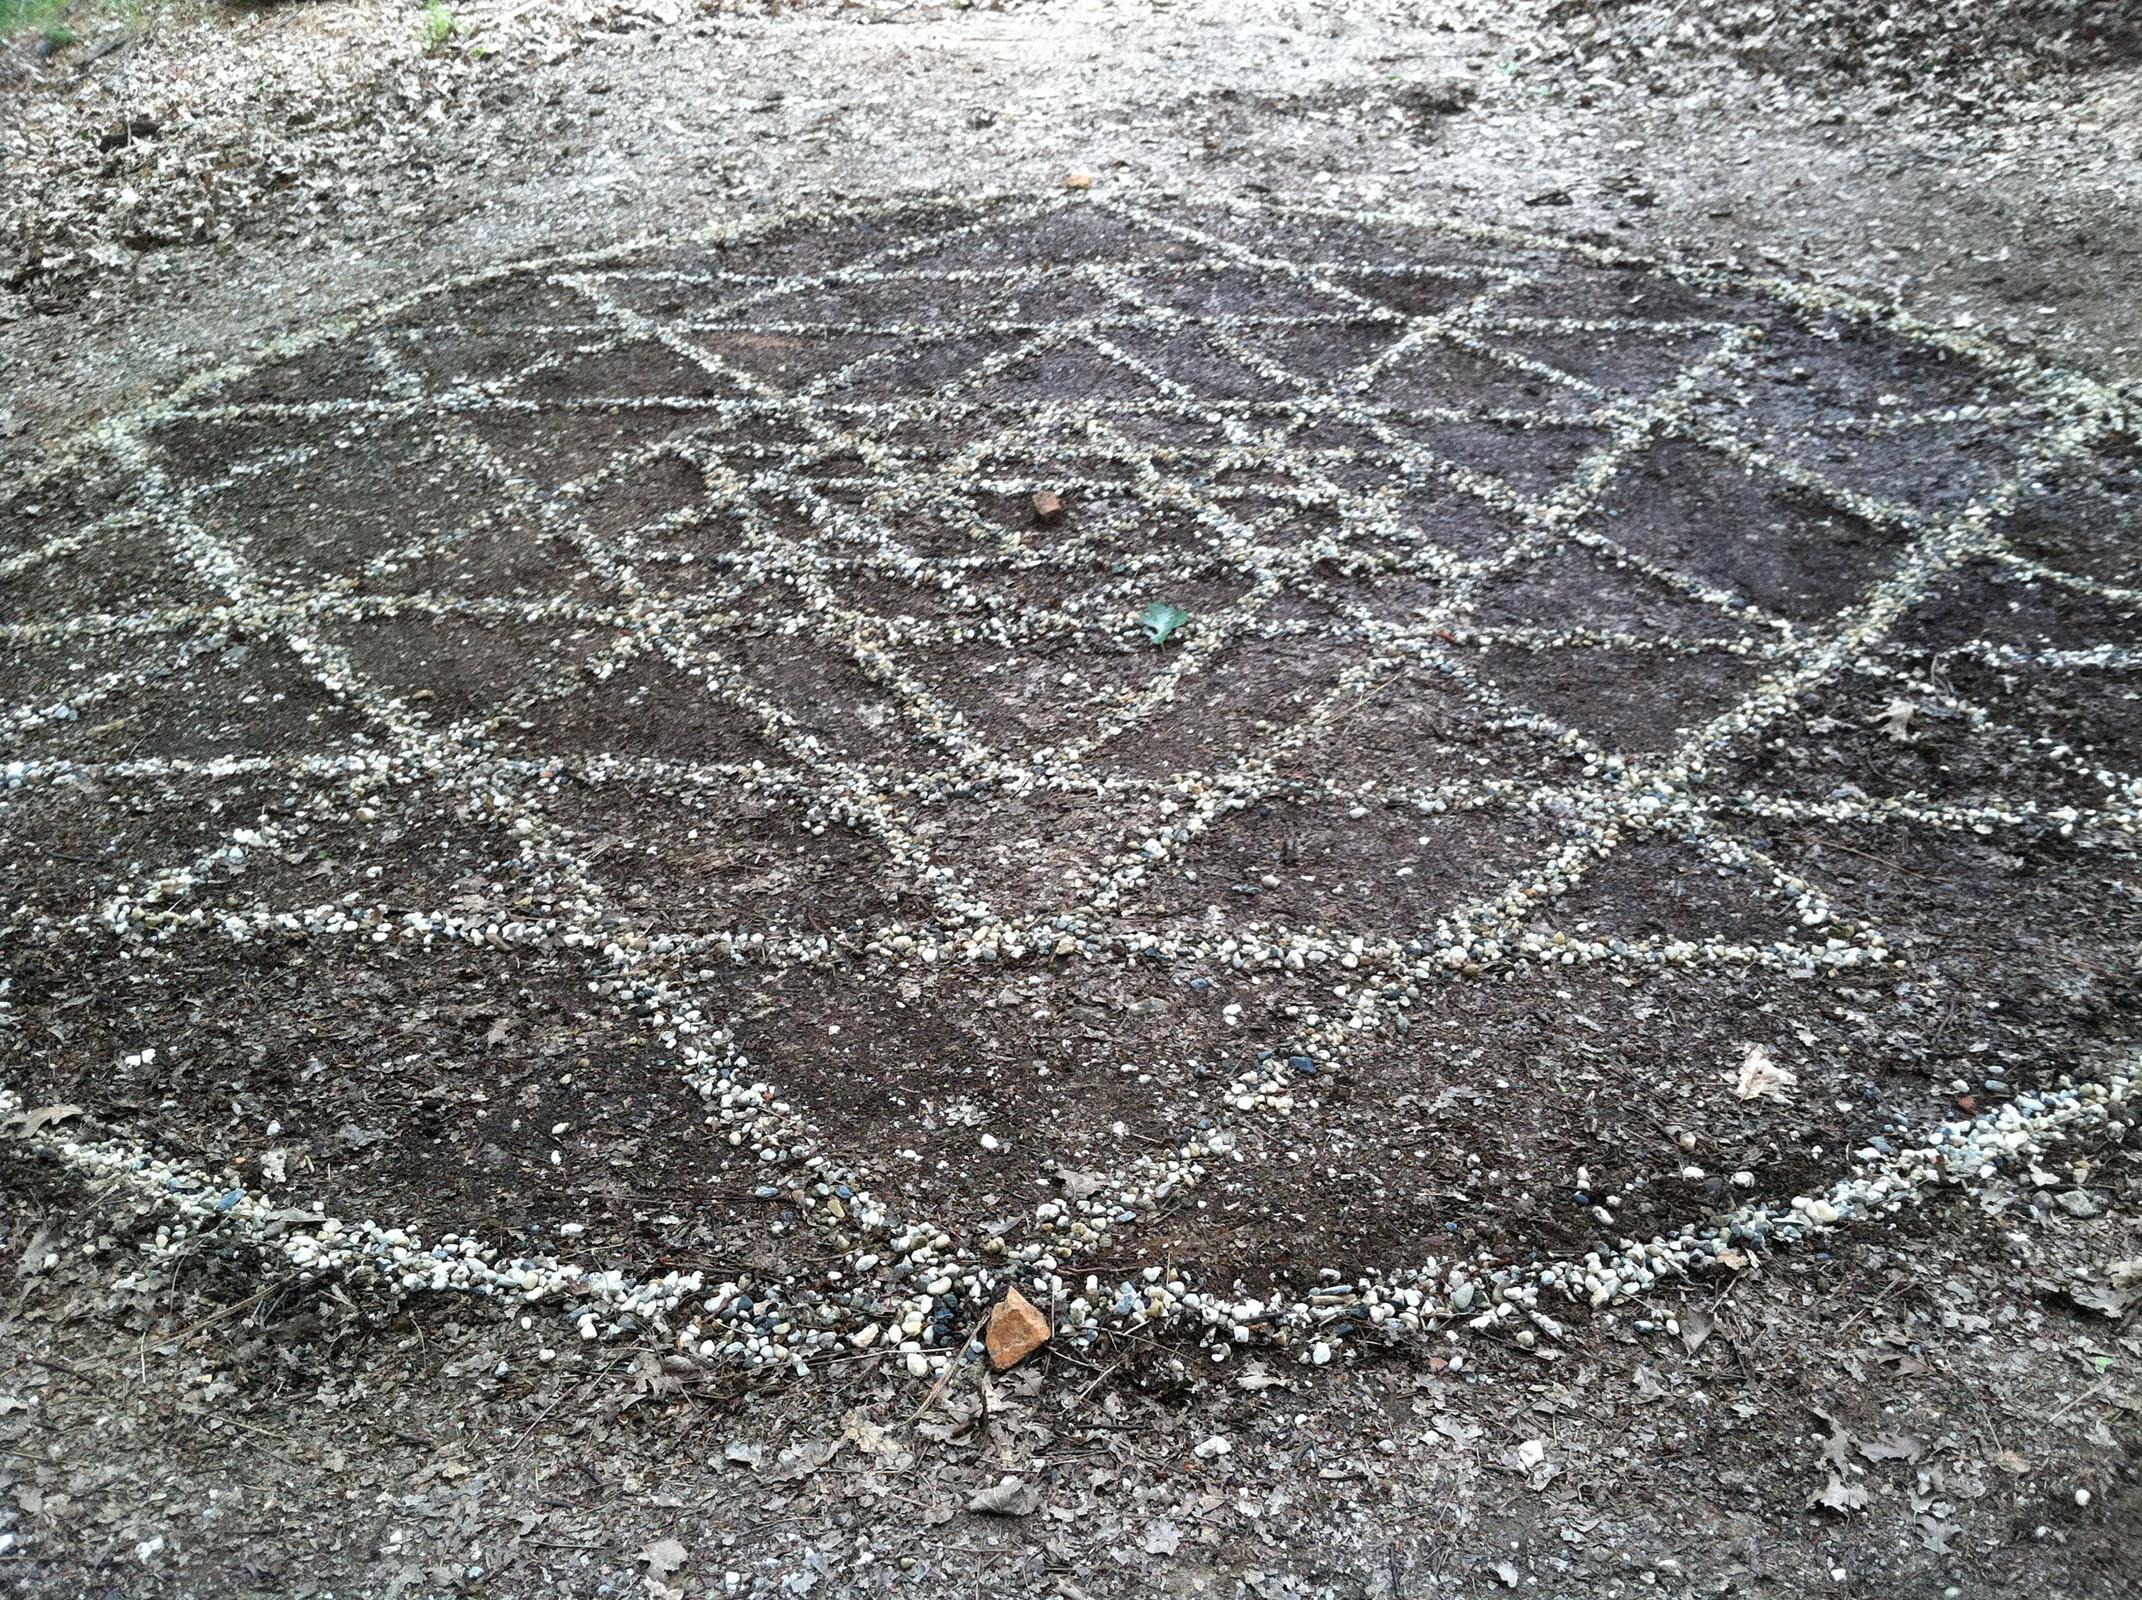 shri yantra: stones on earth, Nevada City, CA